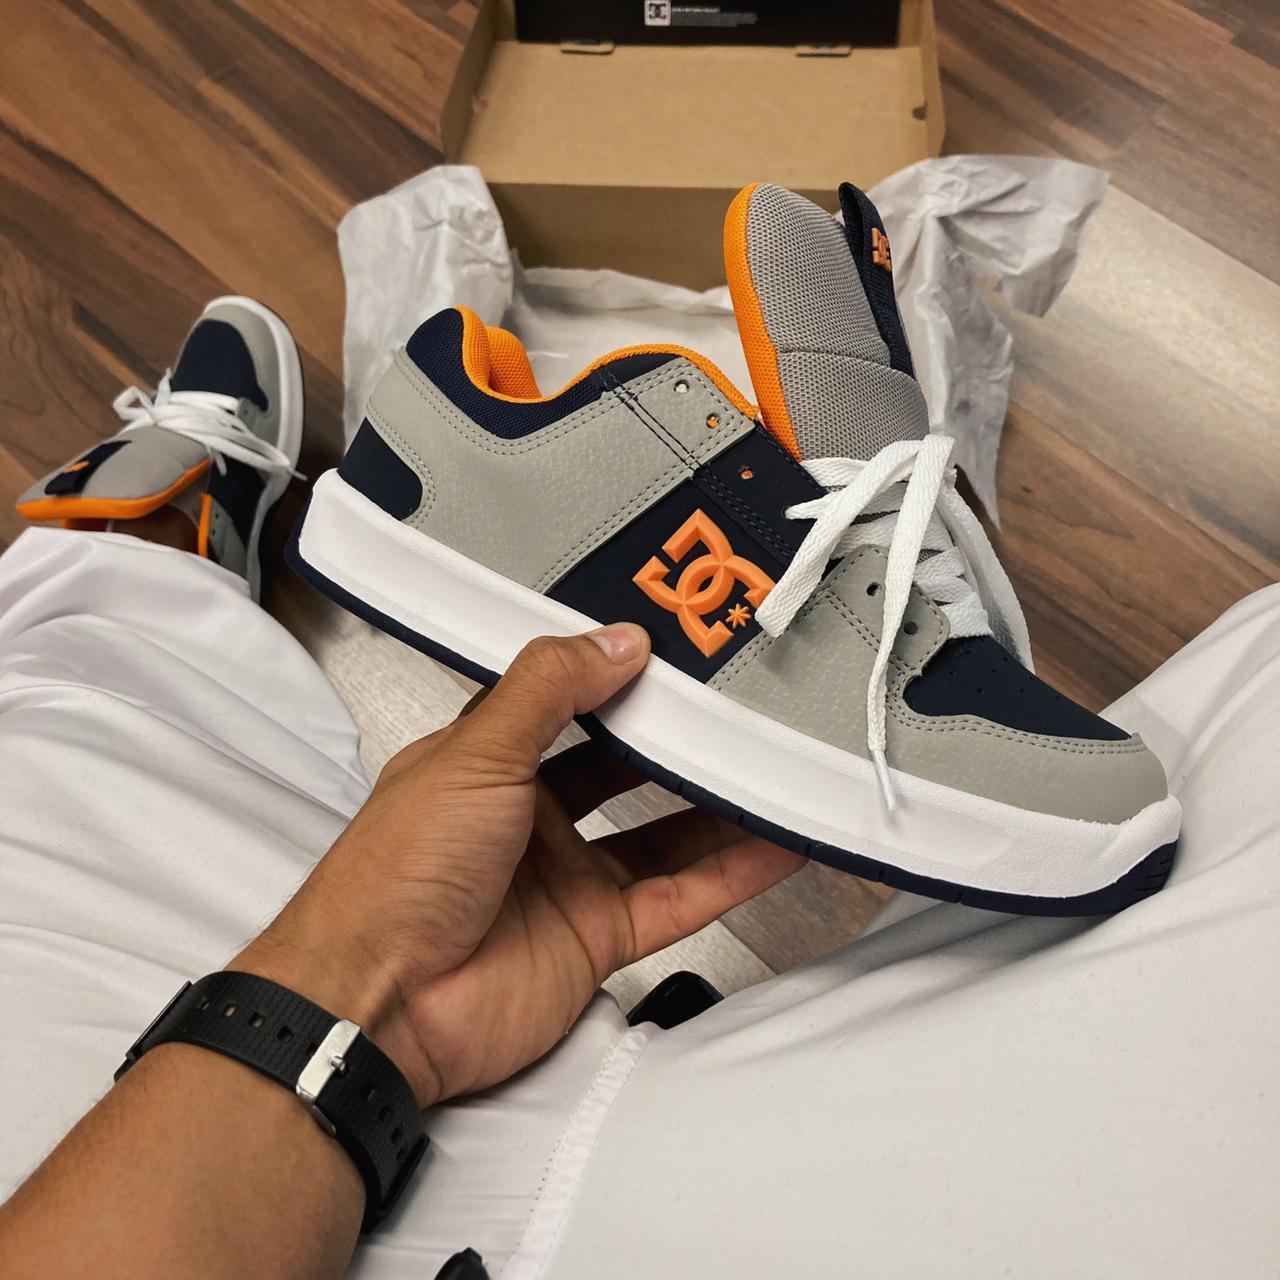 Tênis dc lynx zero blue/orange/white